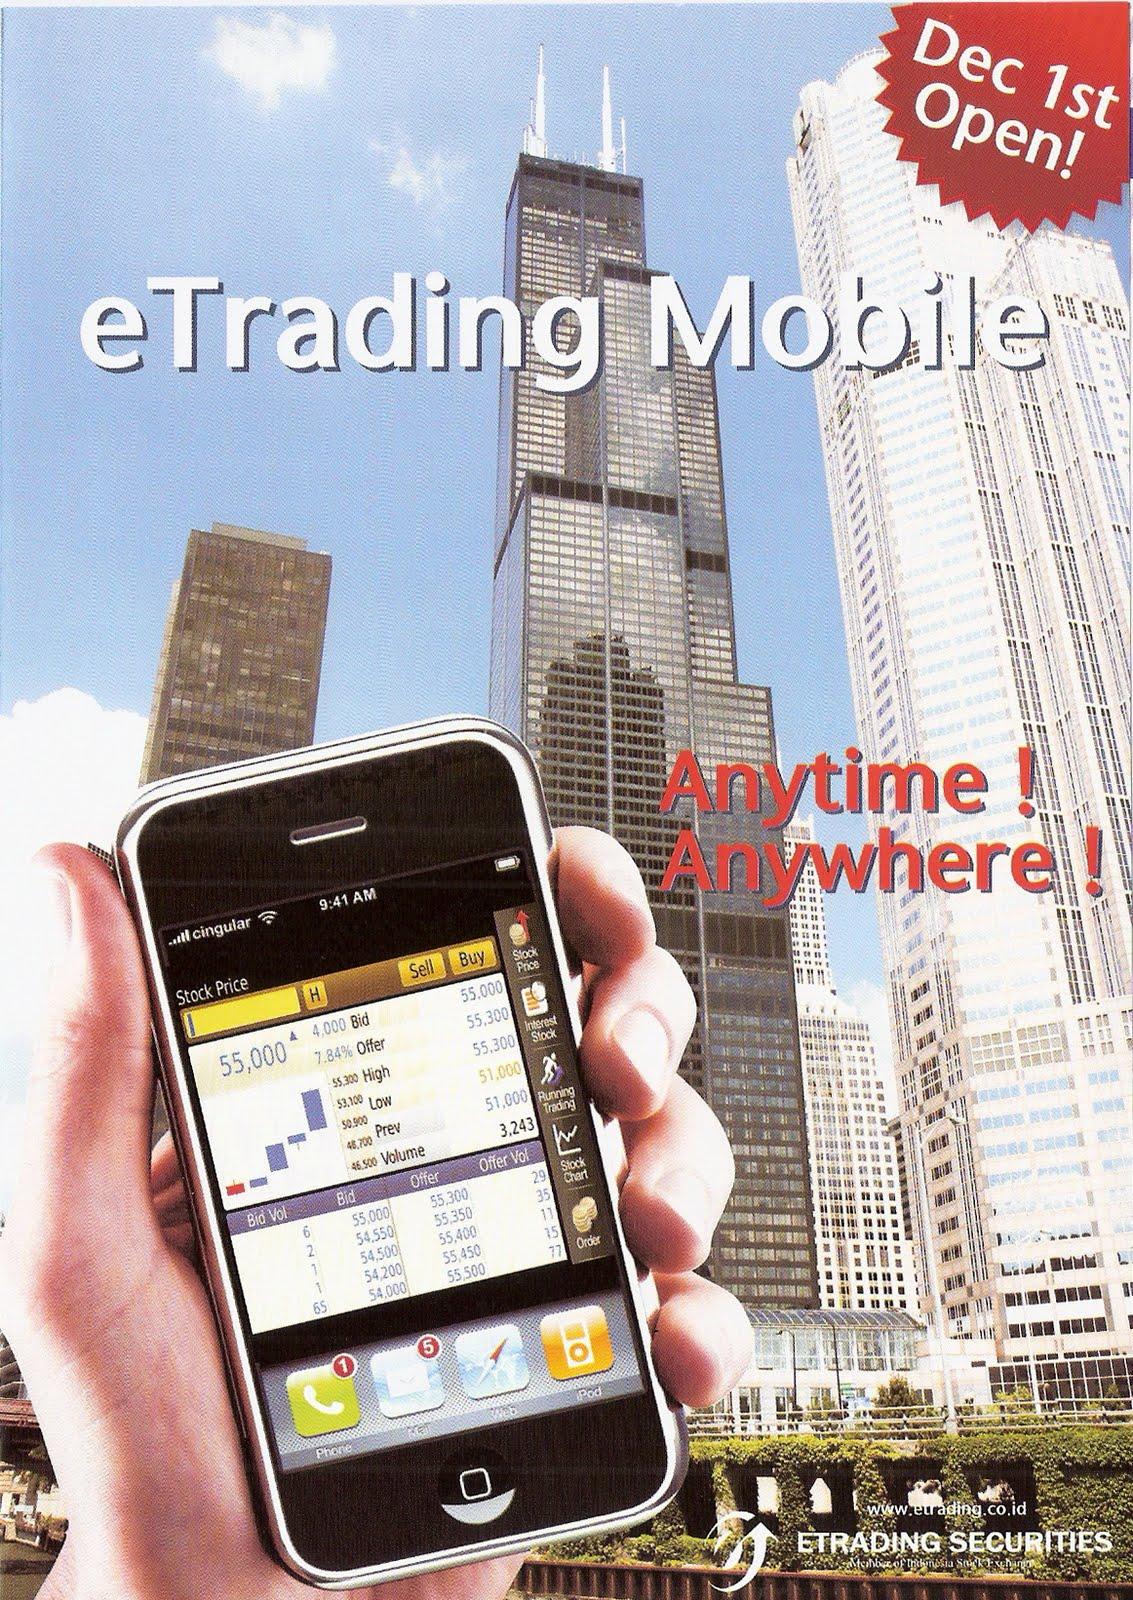 Pt etrading securities jakarta